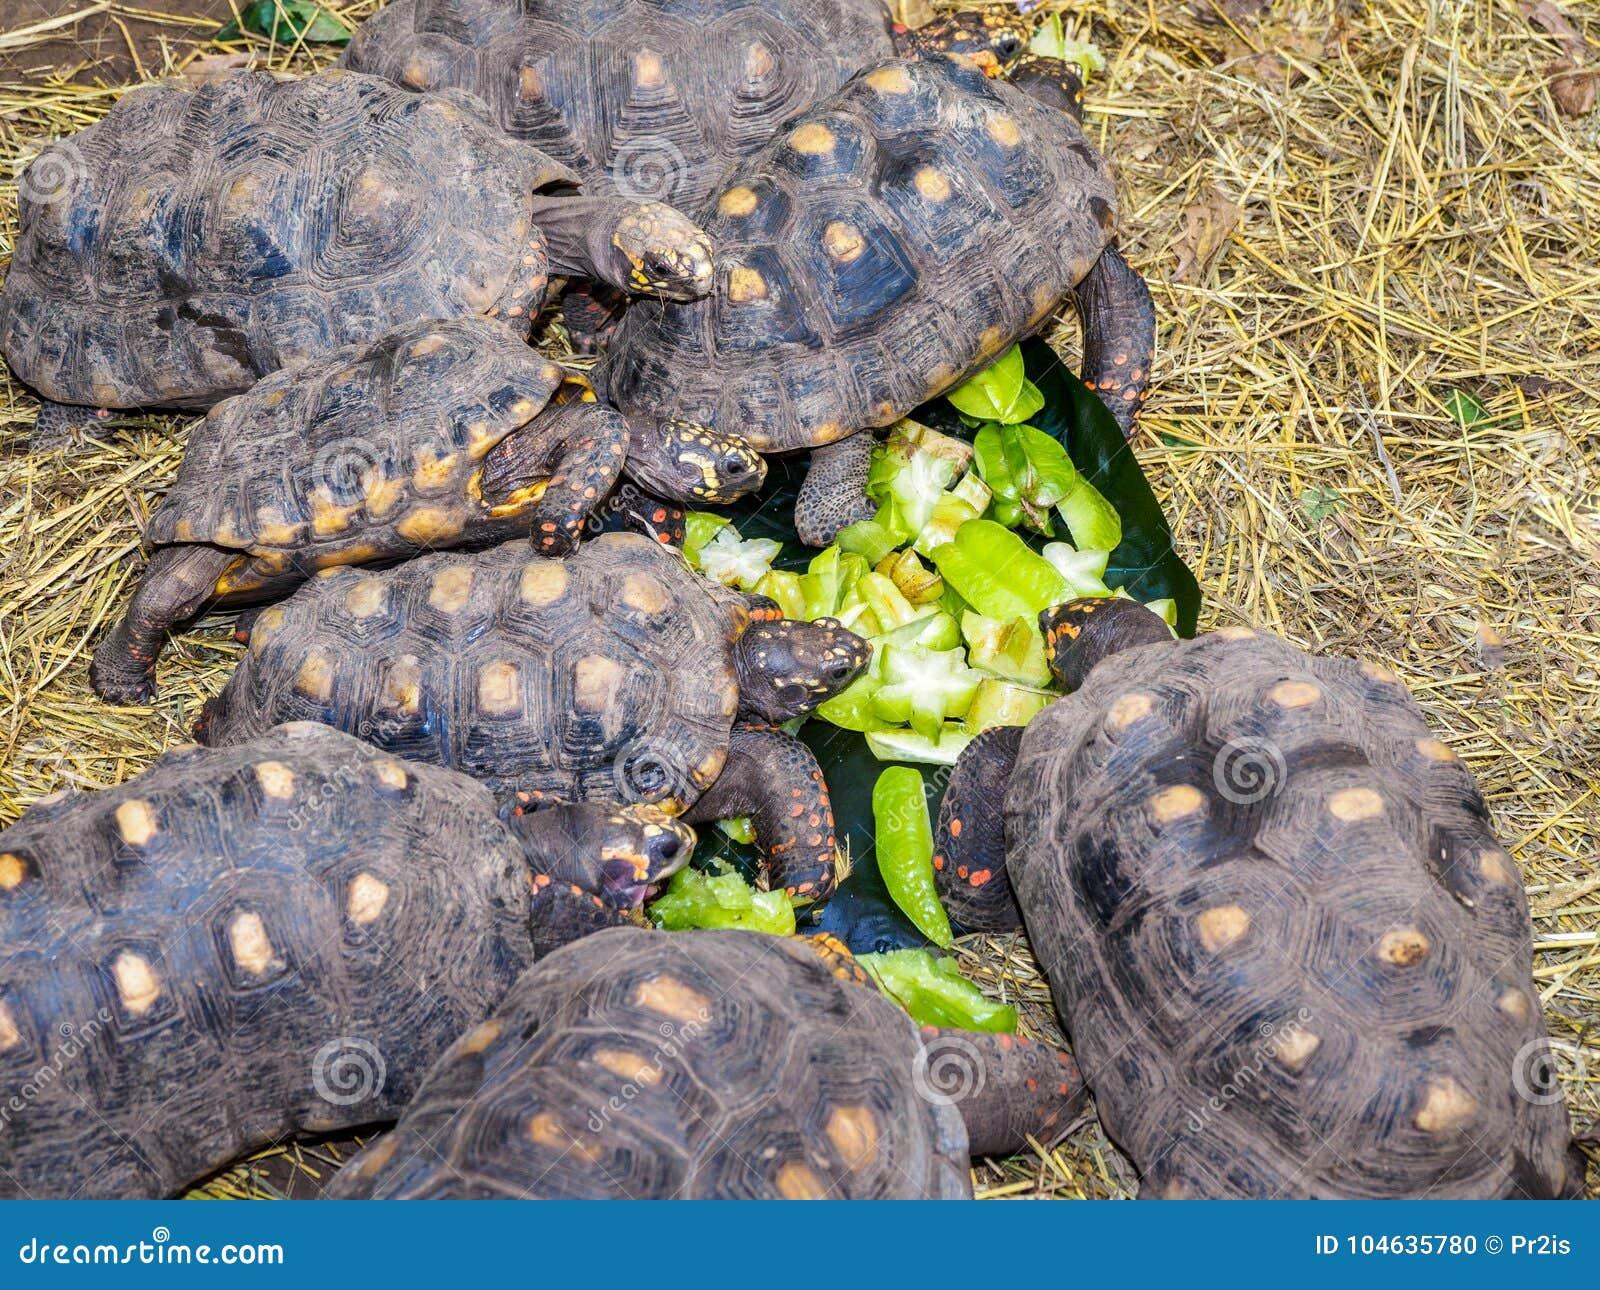 Download Schildpadden Die Op Sterfruit Voeden Stock Foto - Afbeelding bestaande uit gras, tortoise: 104635780